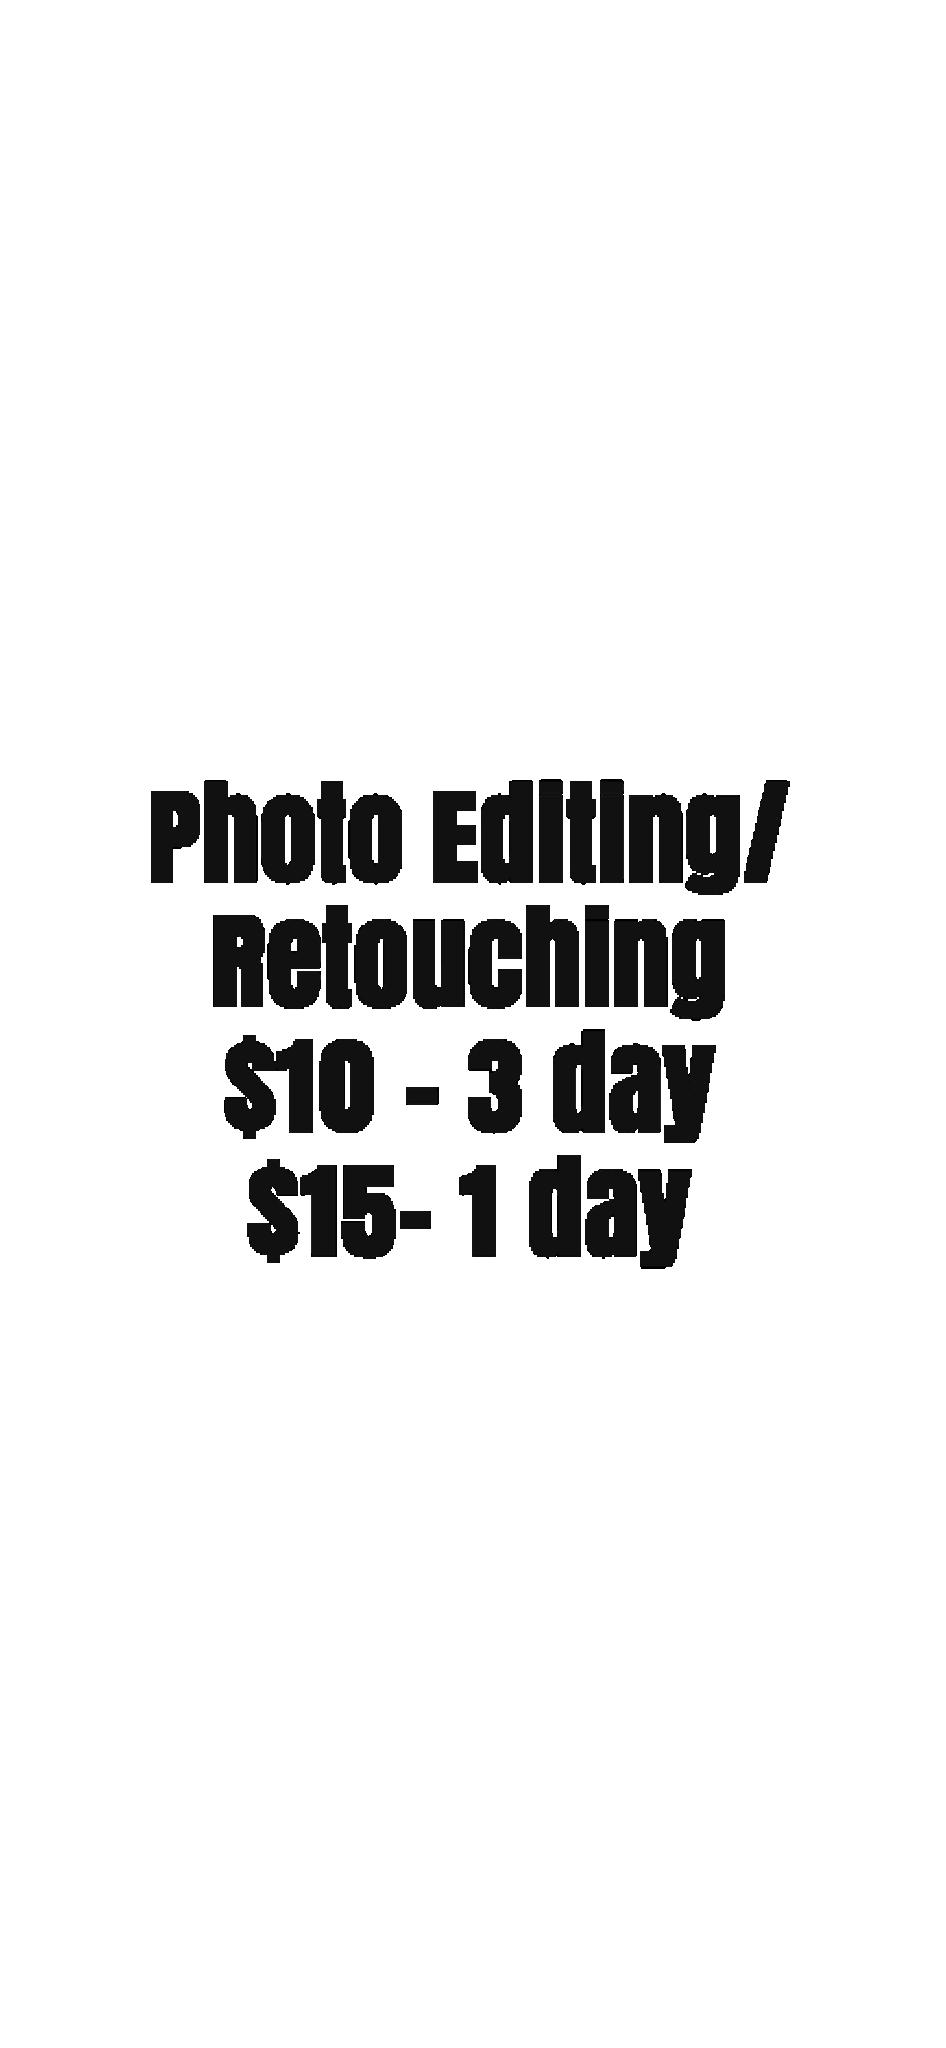 Photo Editing,  Photo Retouching,  Photoshopping